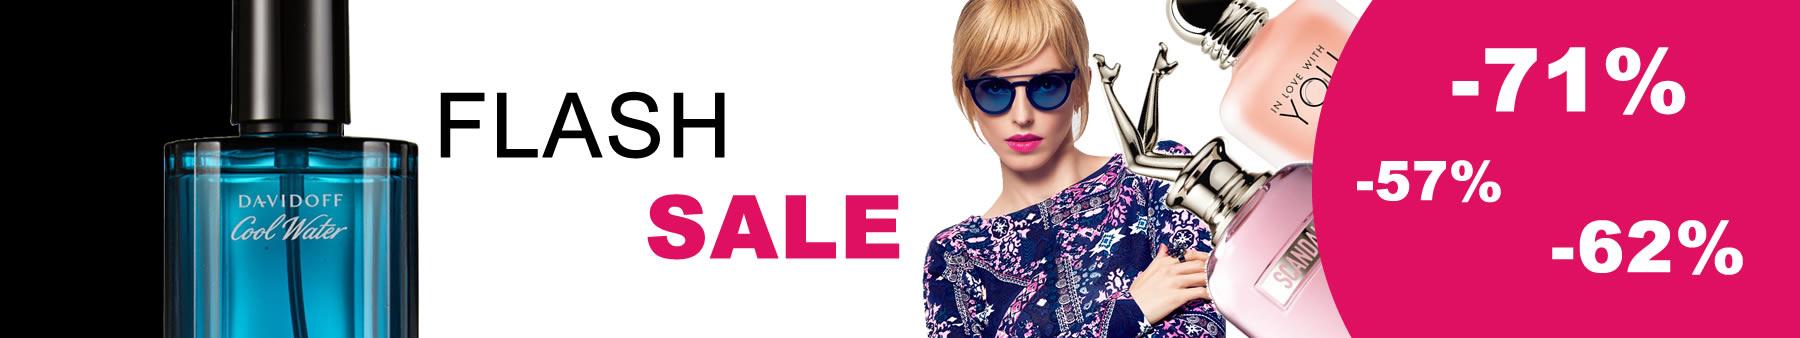 banner flash sale